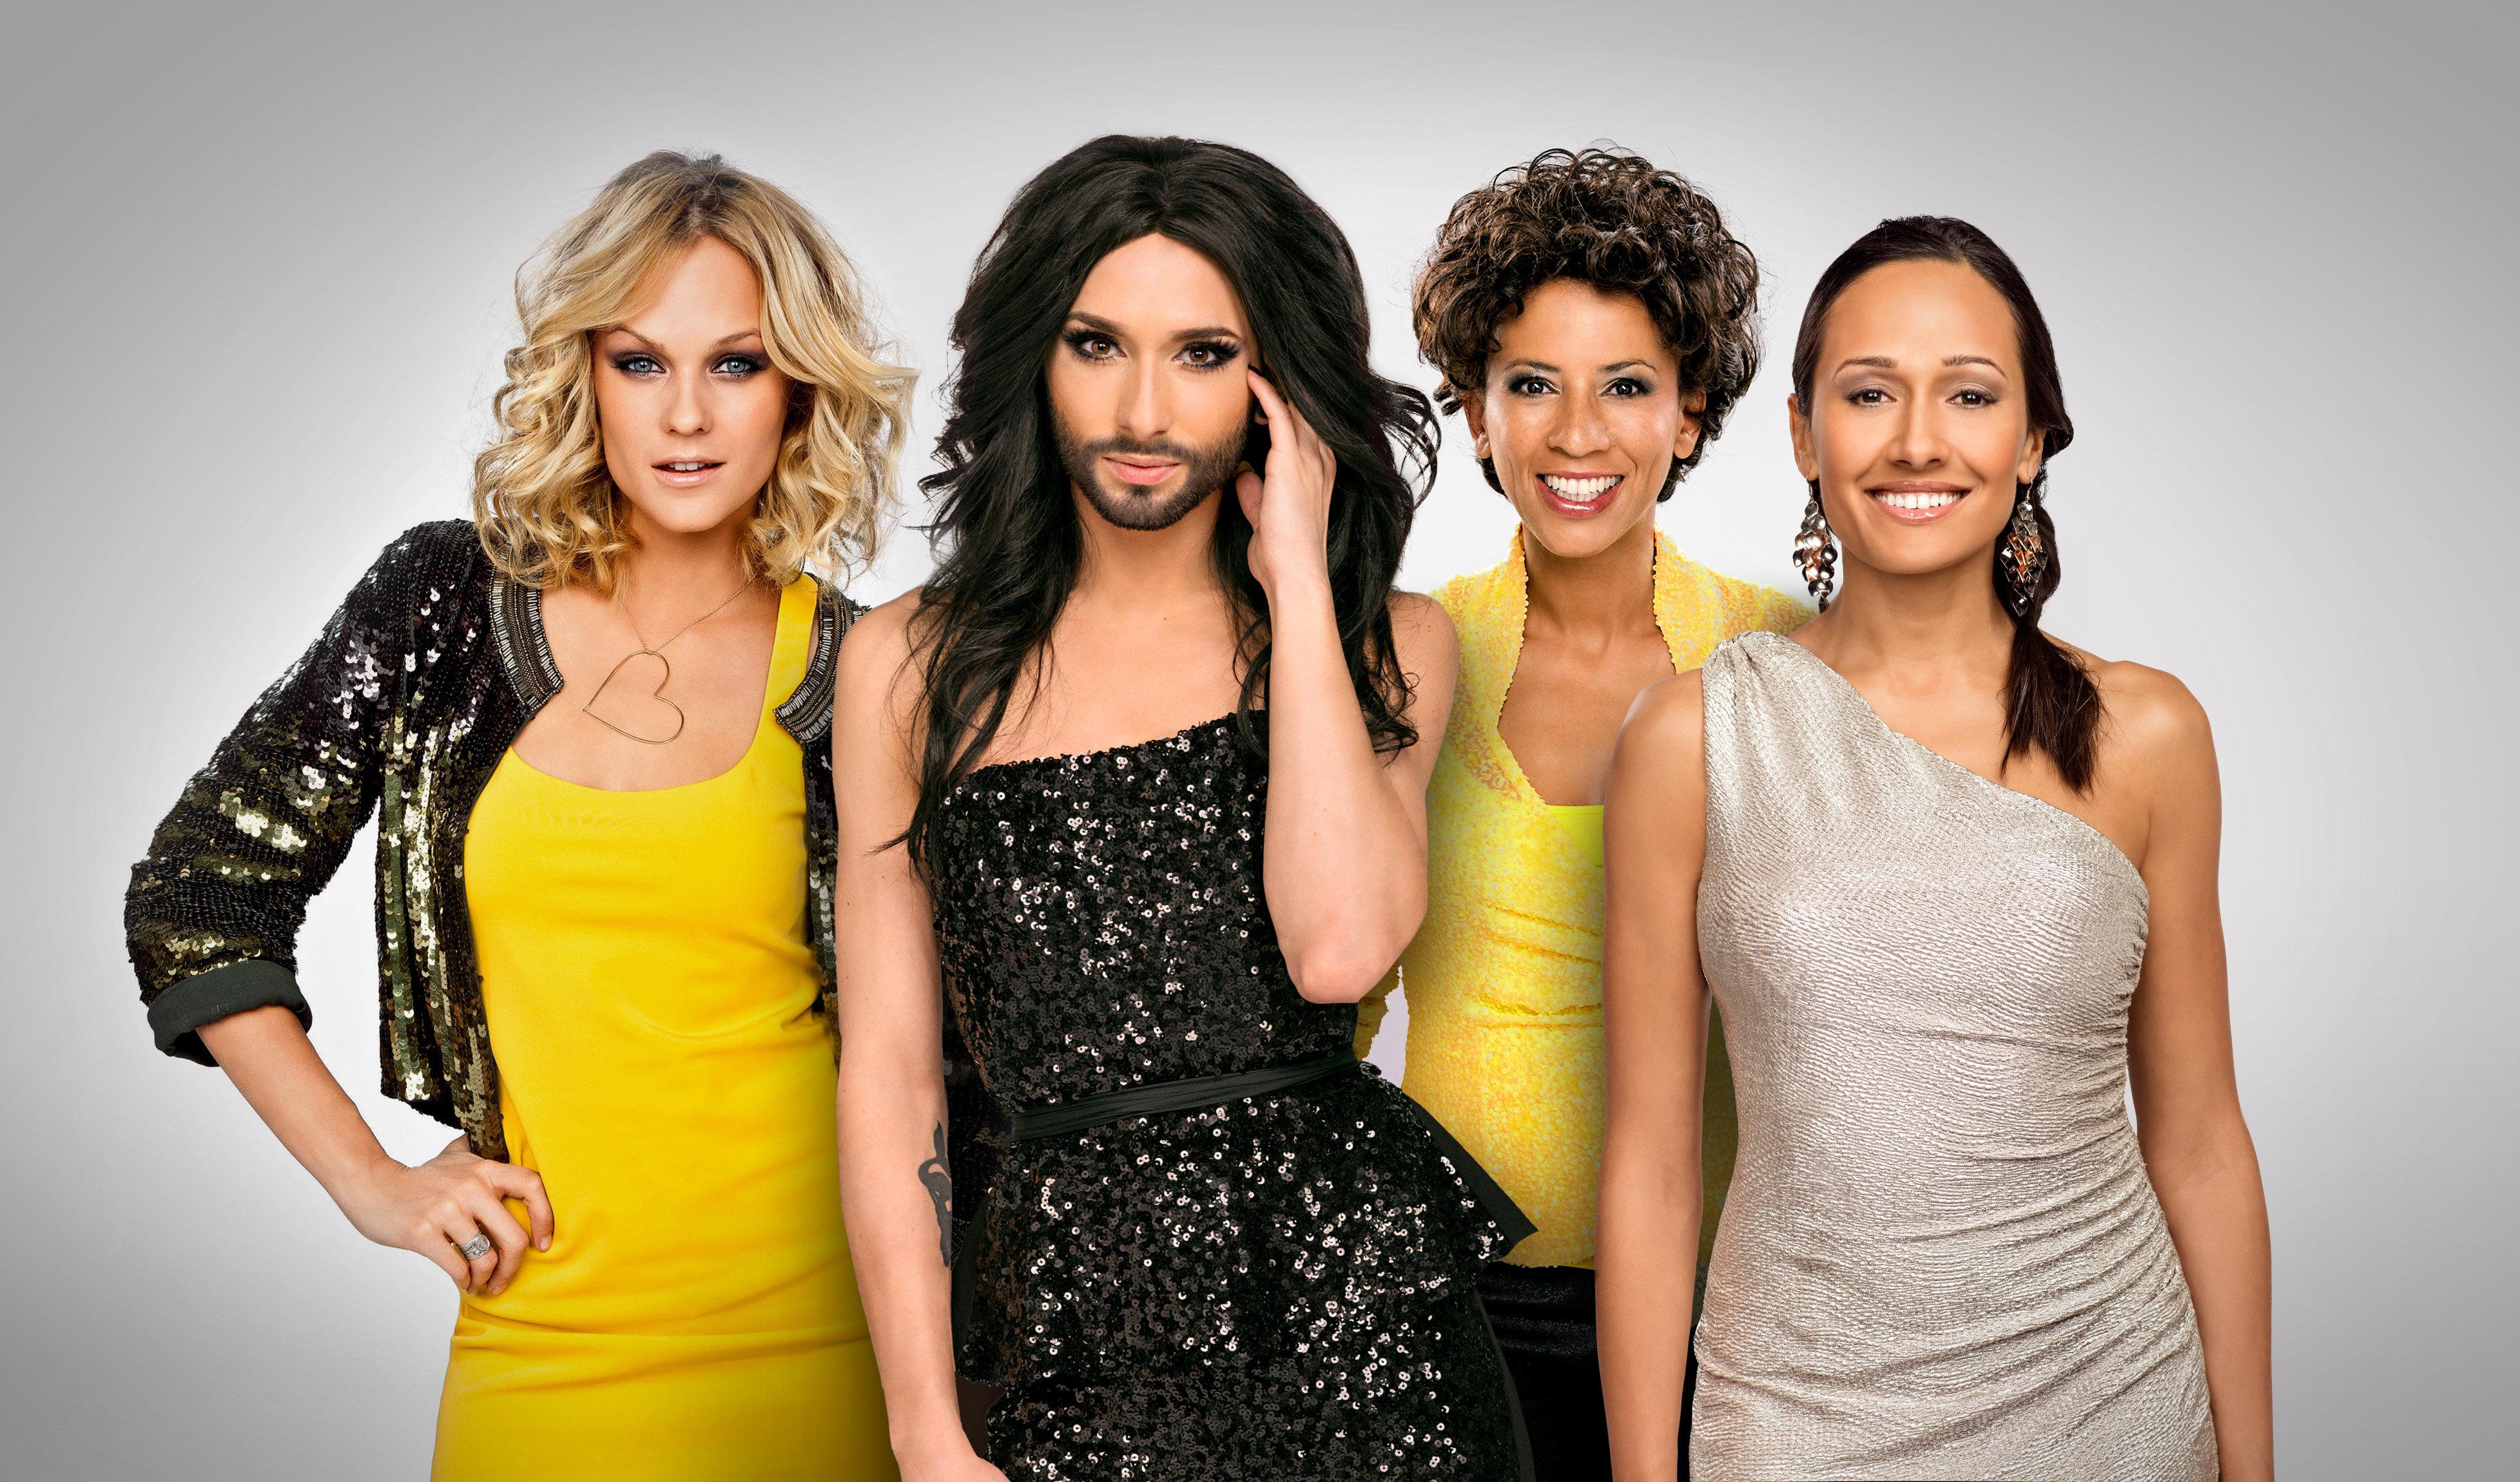 Mirjam Weichselbraun, Alice Tumler und Arabella Kiesbauer moderieren, Conchita Wurst hostet Green Room und performt Showacts.